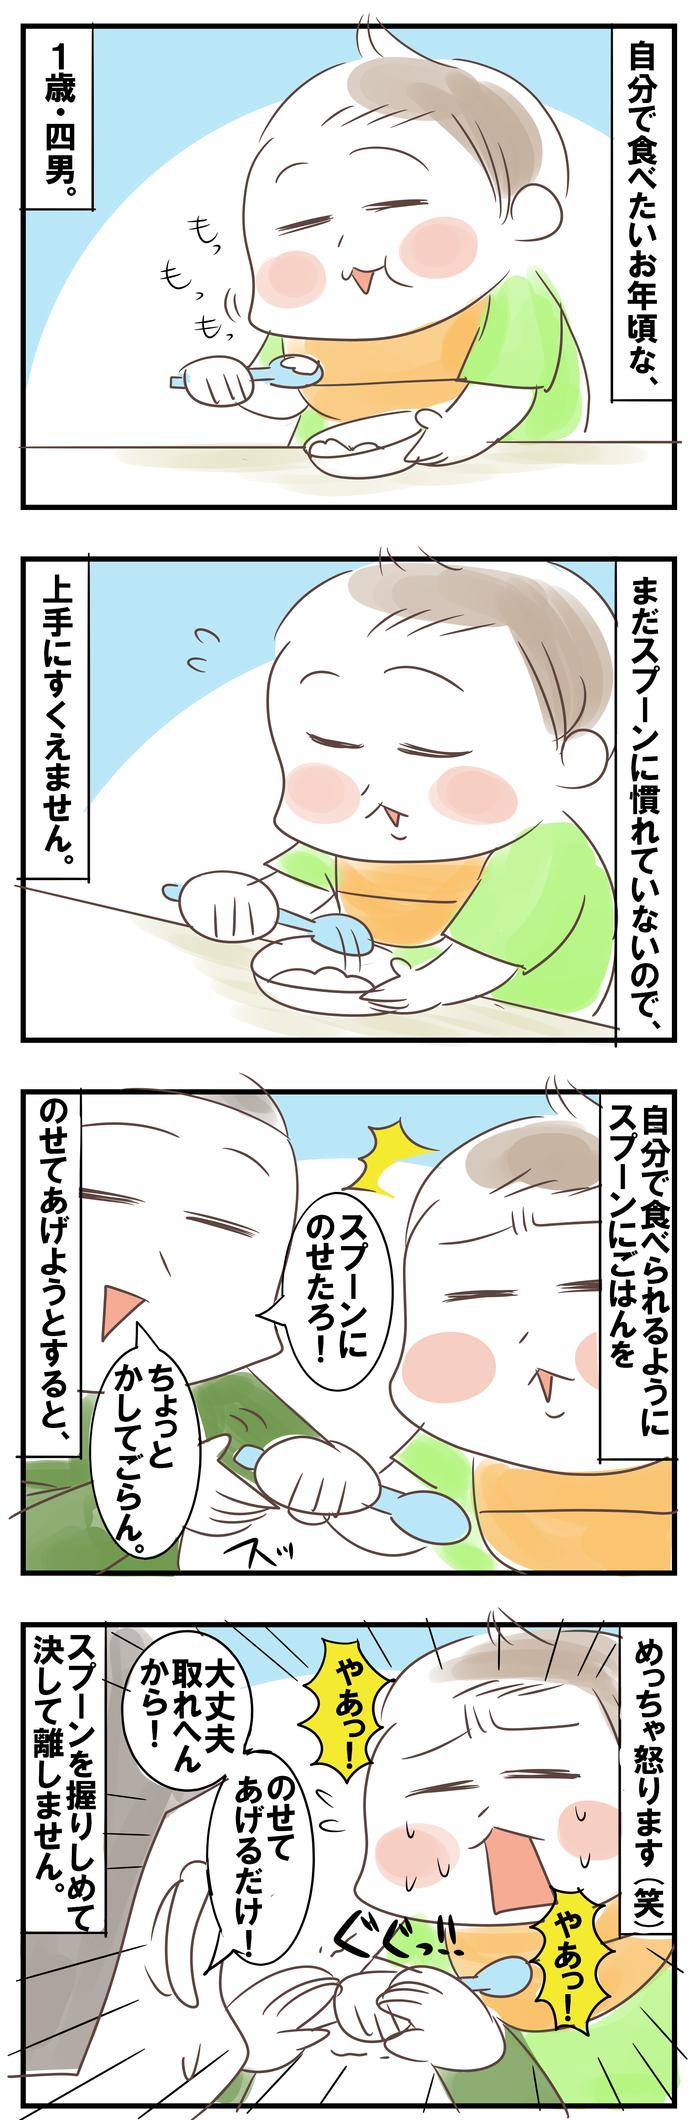 自分で食べたい!でもスプーンが上手く使えない!そんな1歳児の対応方法♡の画像1